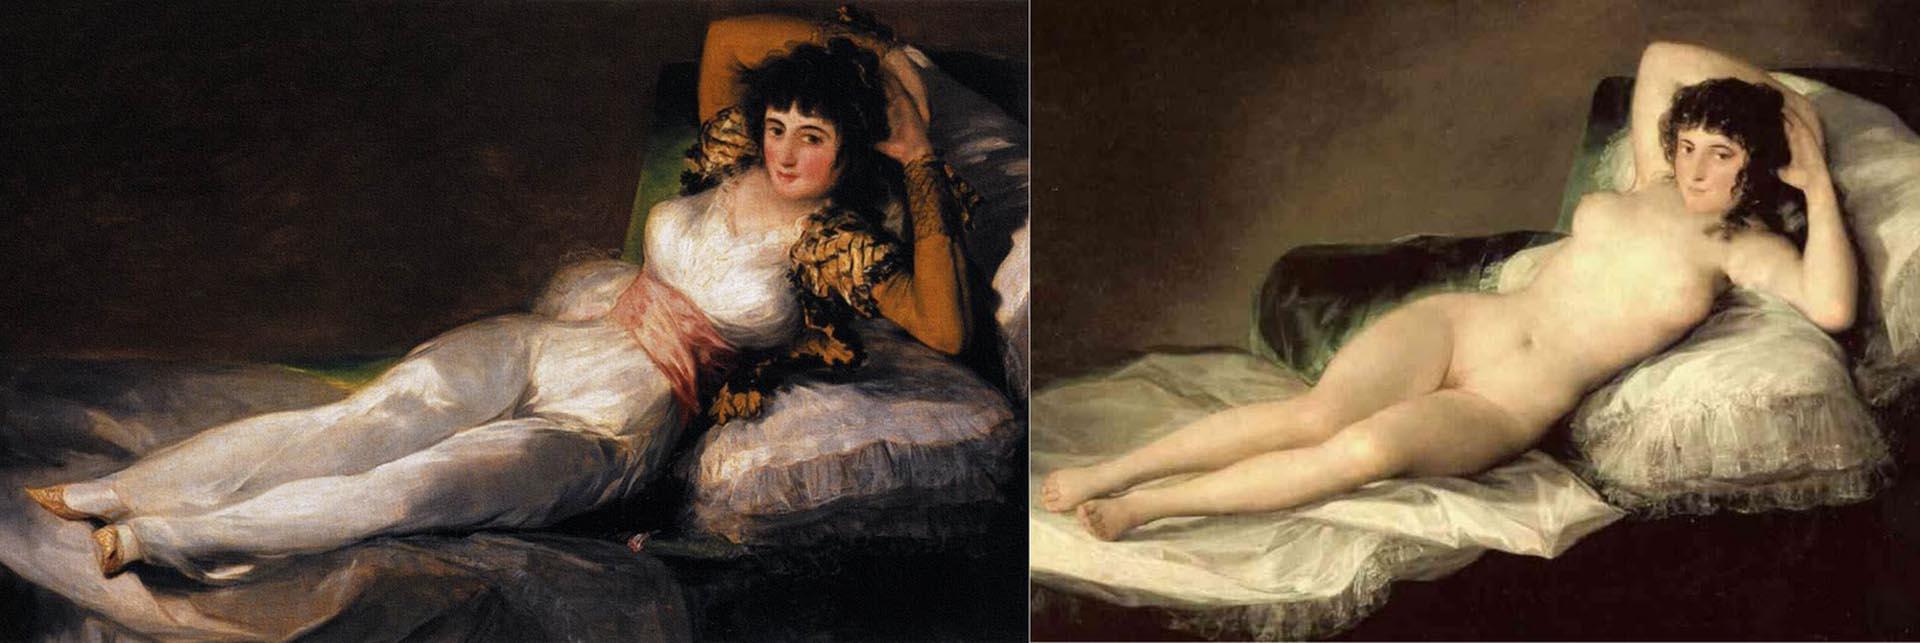 """""""La maja vestida"""" y """"La maja desnuda"""", de Francisco de Goya"""